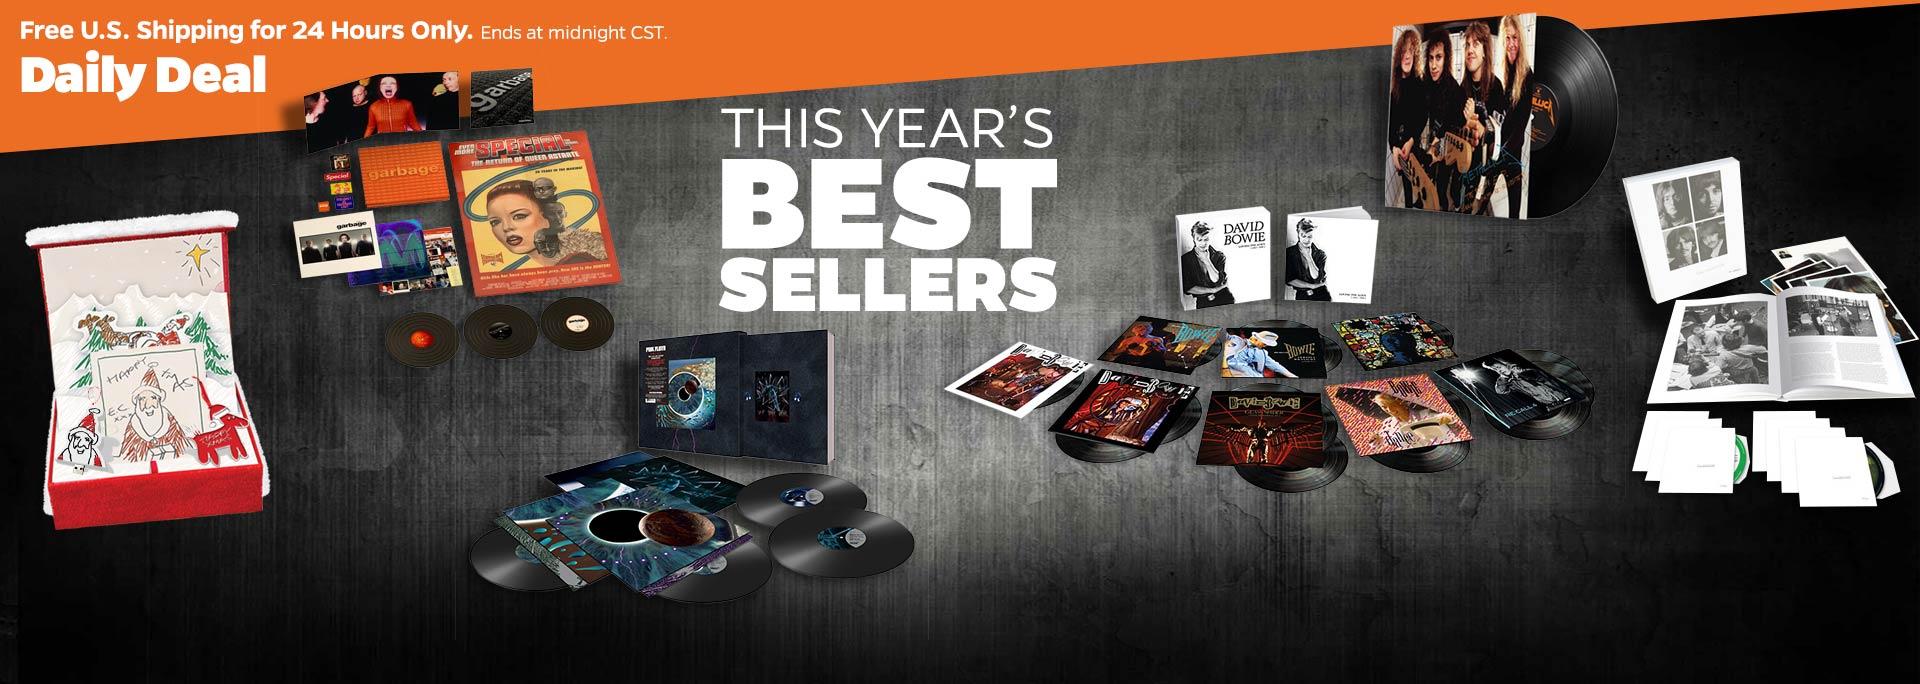 best sellers of 2018